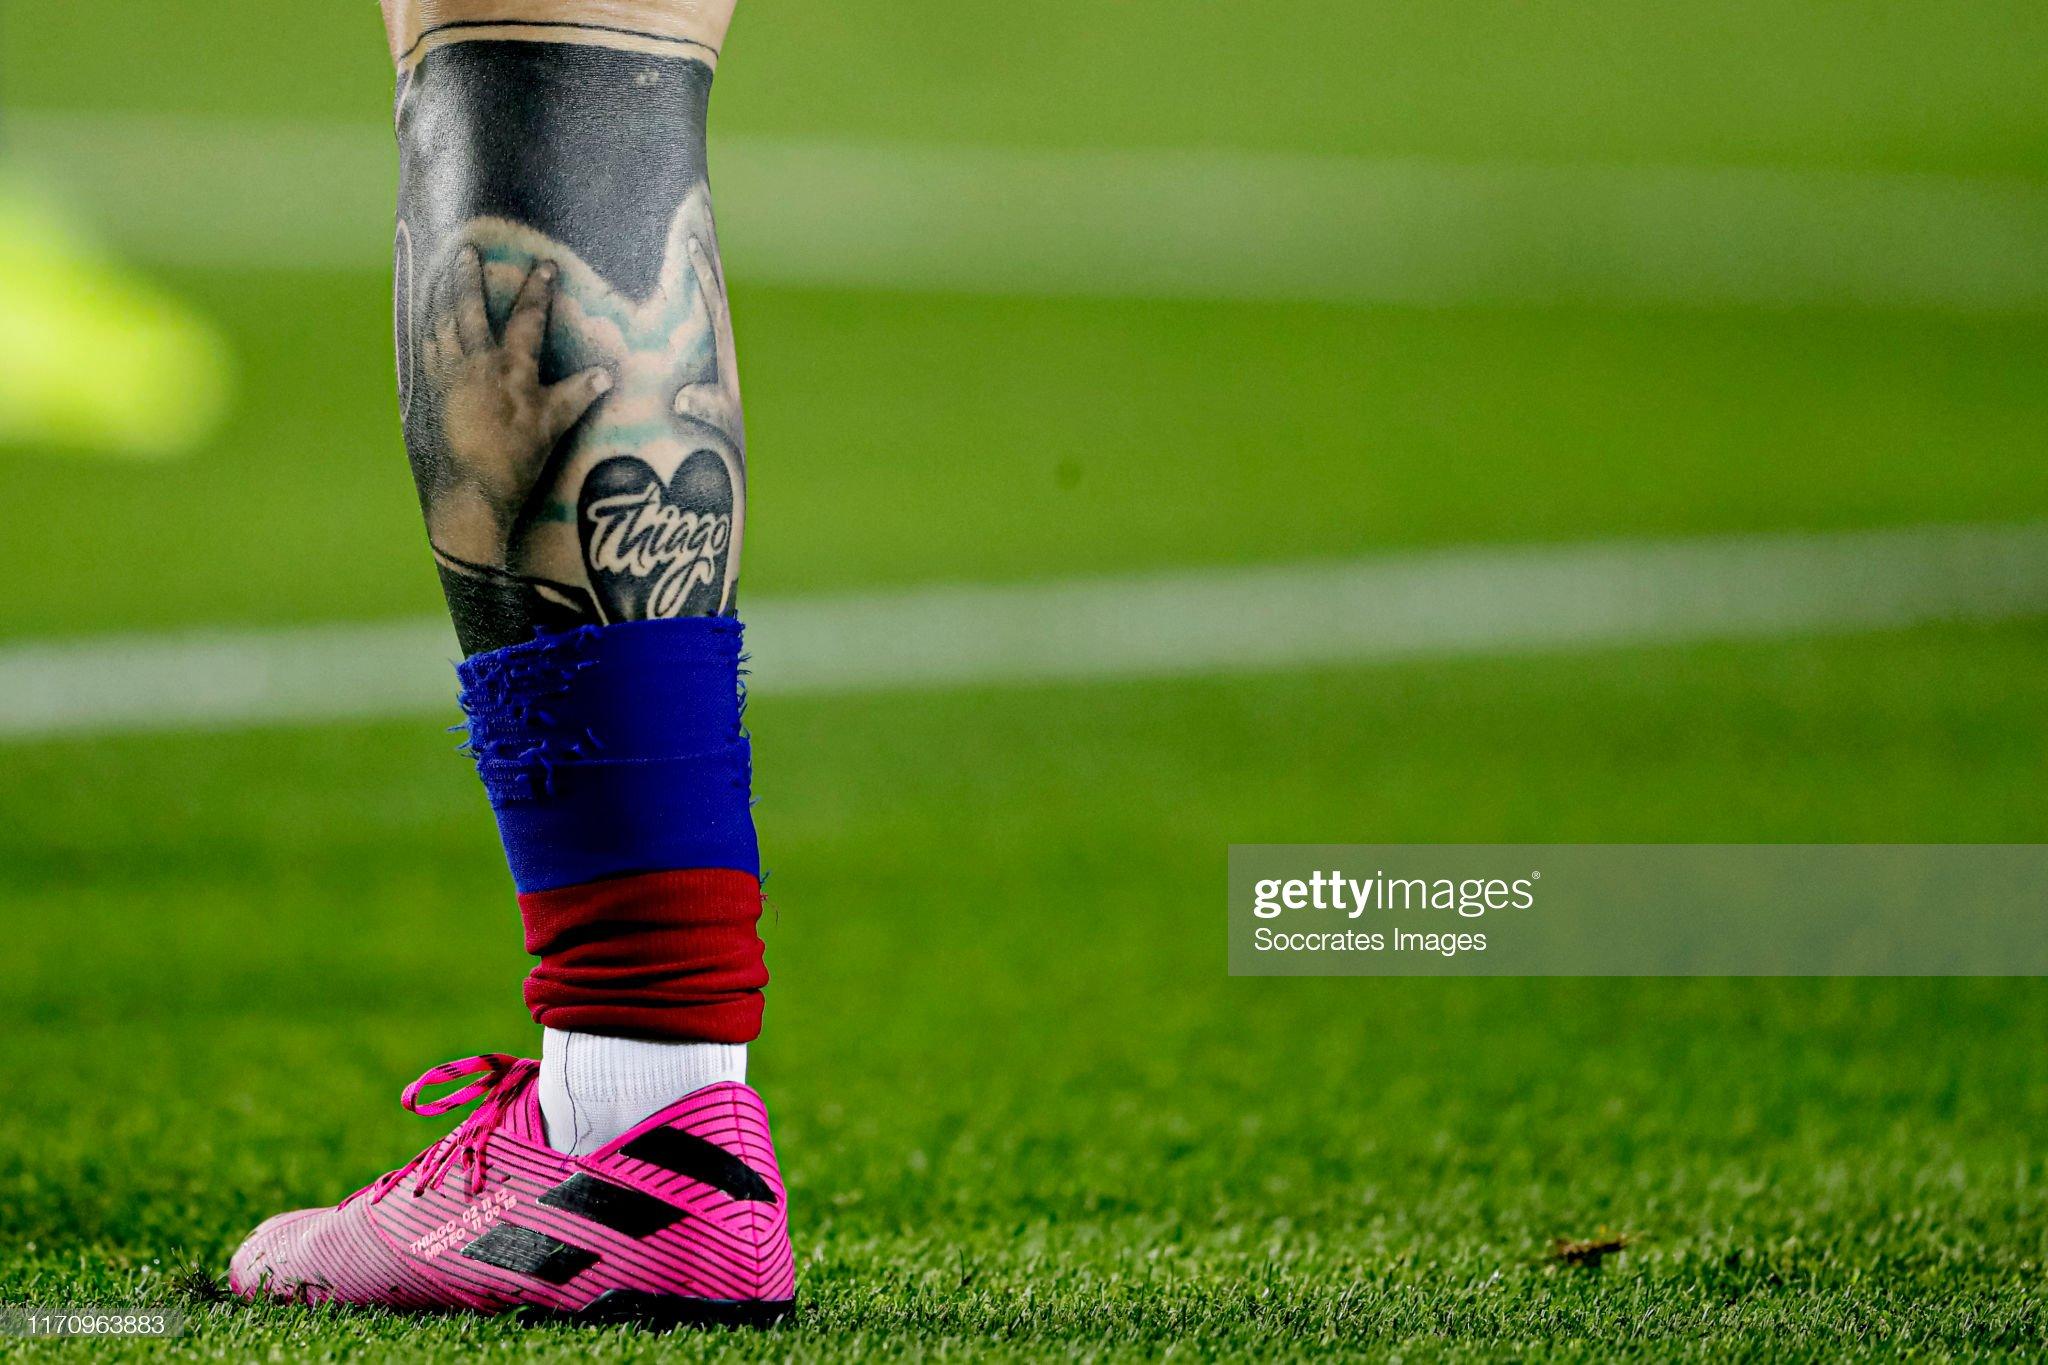 صور مباراة : برشلونة - فياريال 2-1 ( 24-09-2019 )  Tattoo-of-lionel-messi-of-fc-barcelona-during-the-la-liga-santander-picture-id1170963883?s=2048x2048